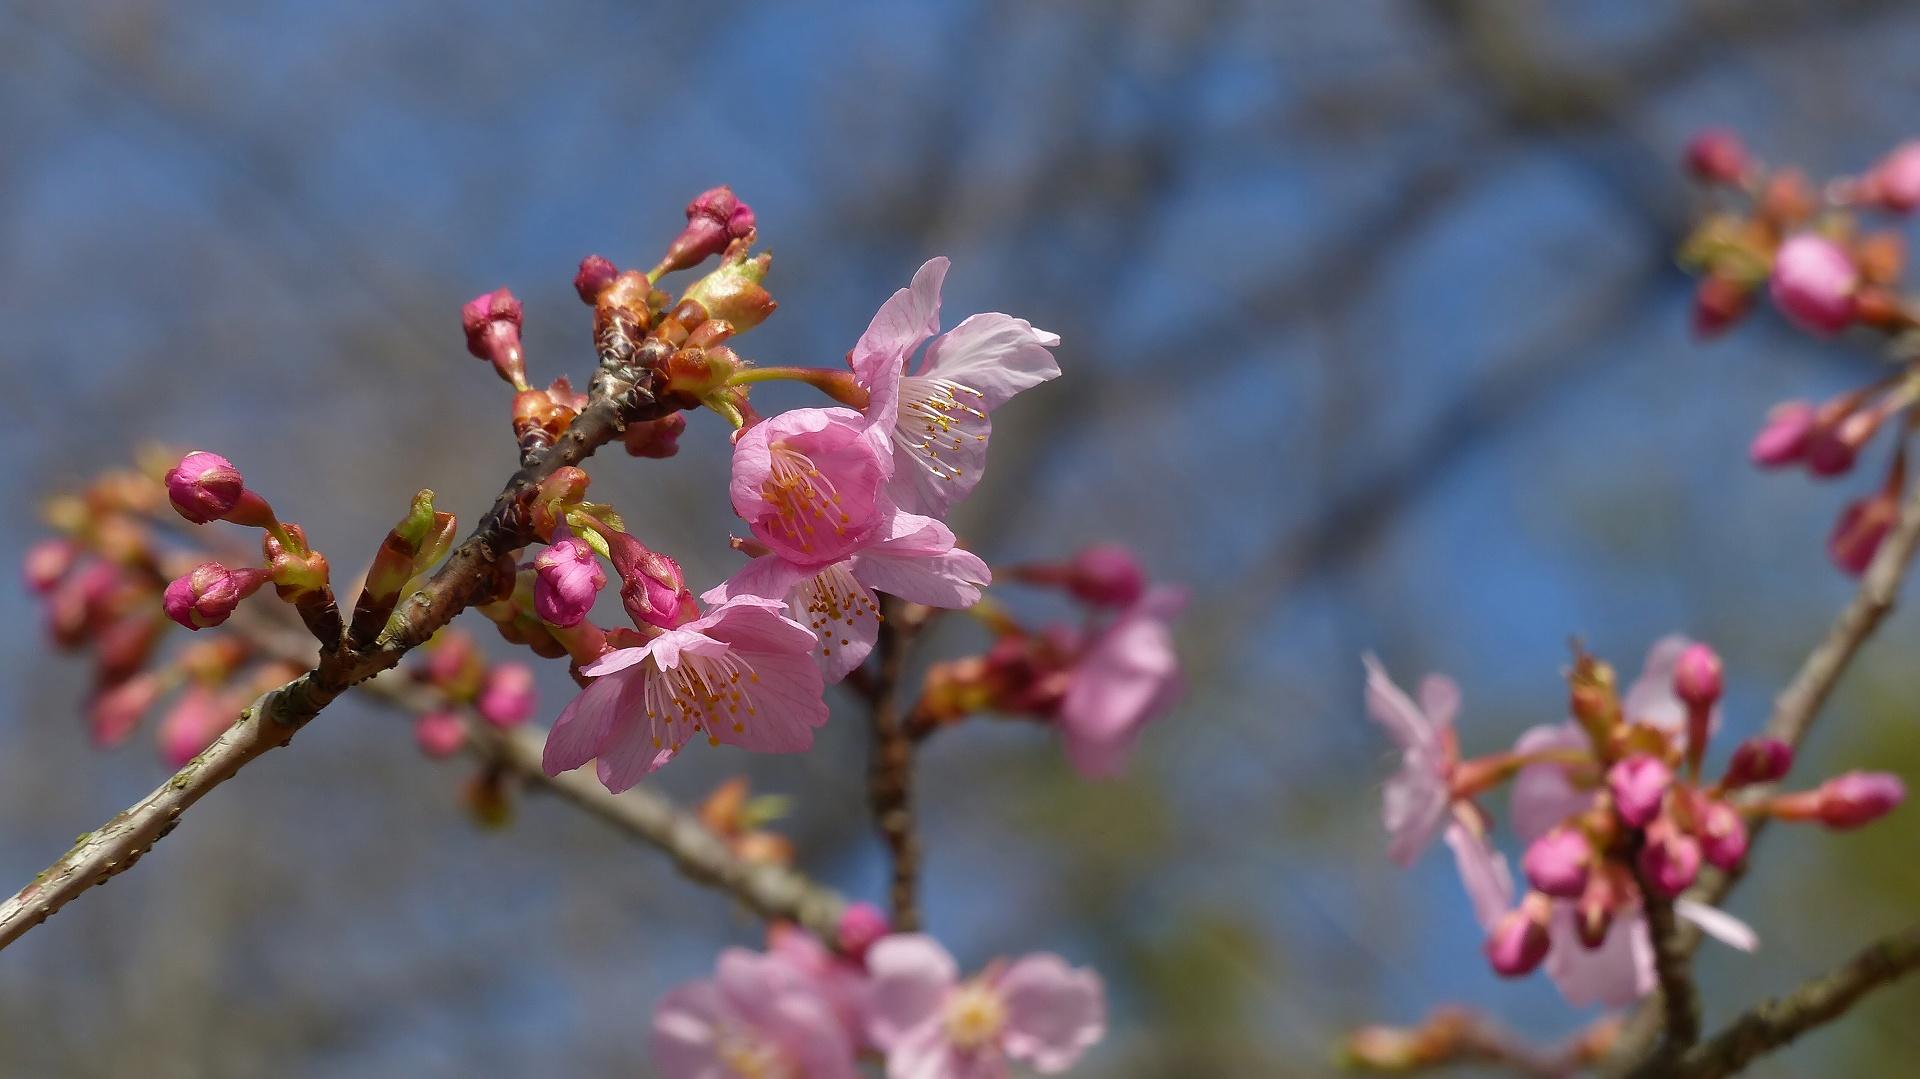 鳥のいないお花見_a0185081_21163570.jpg